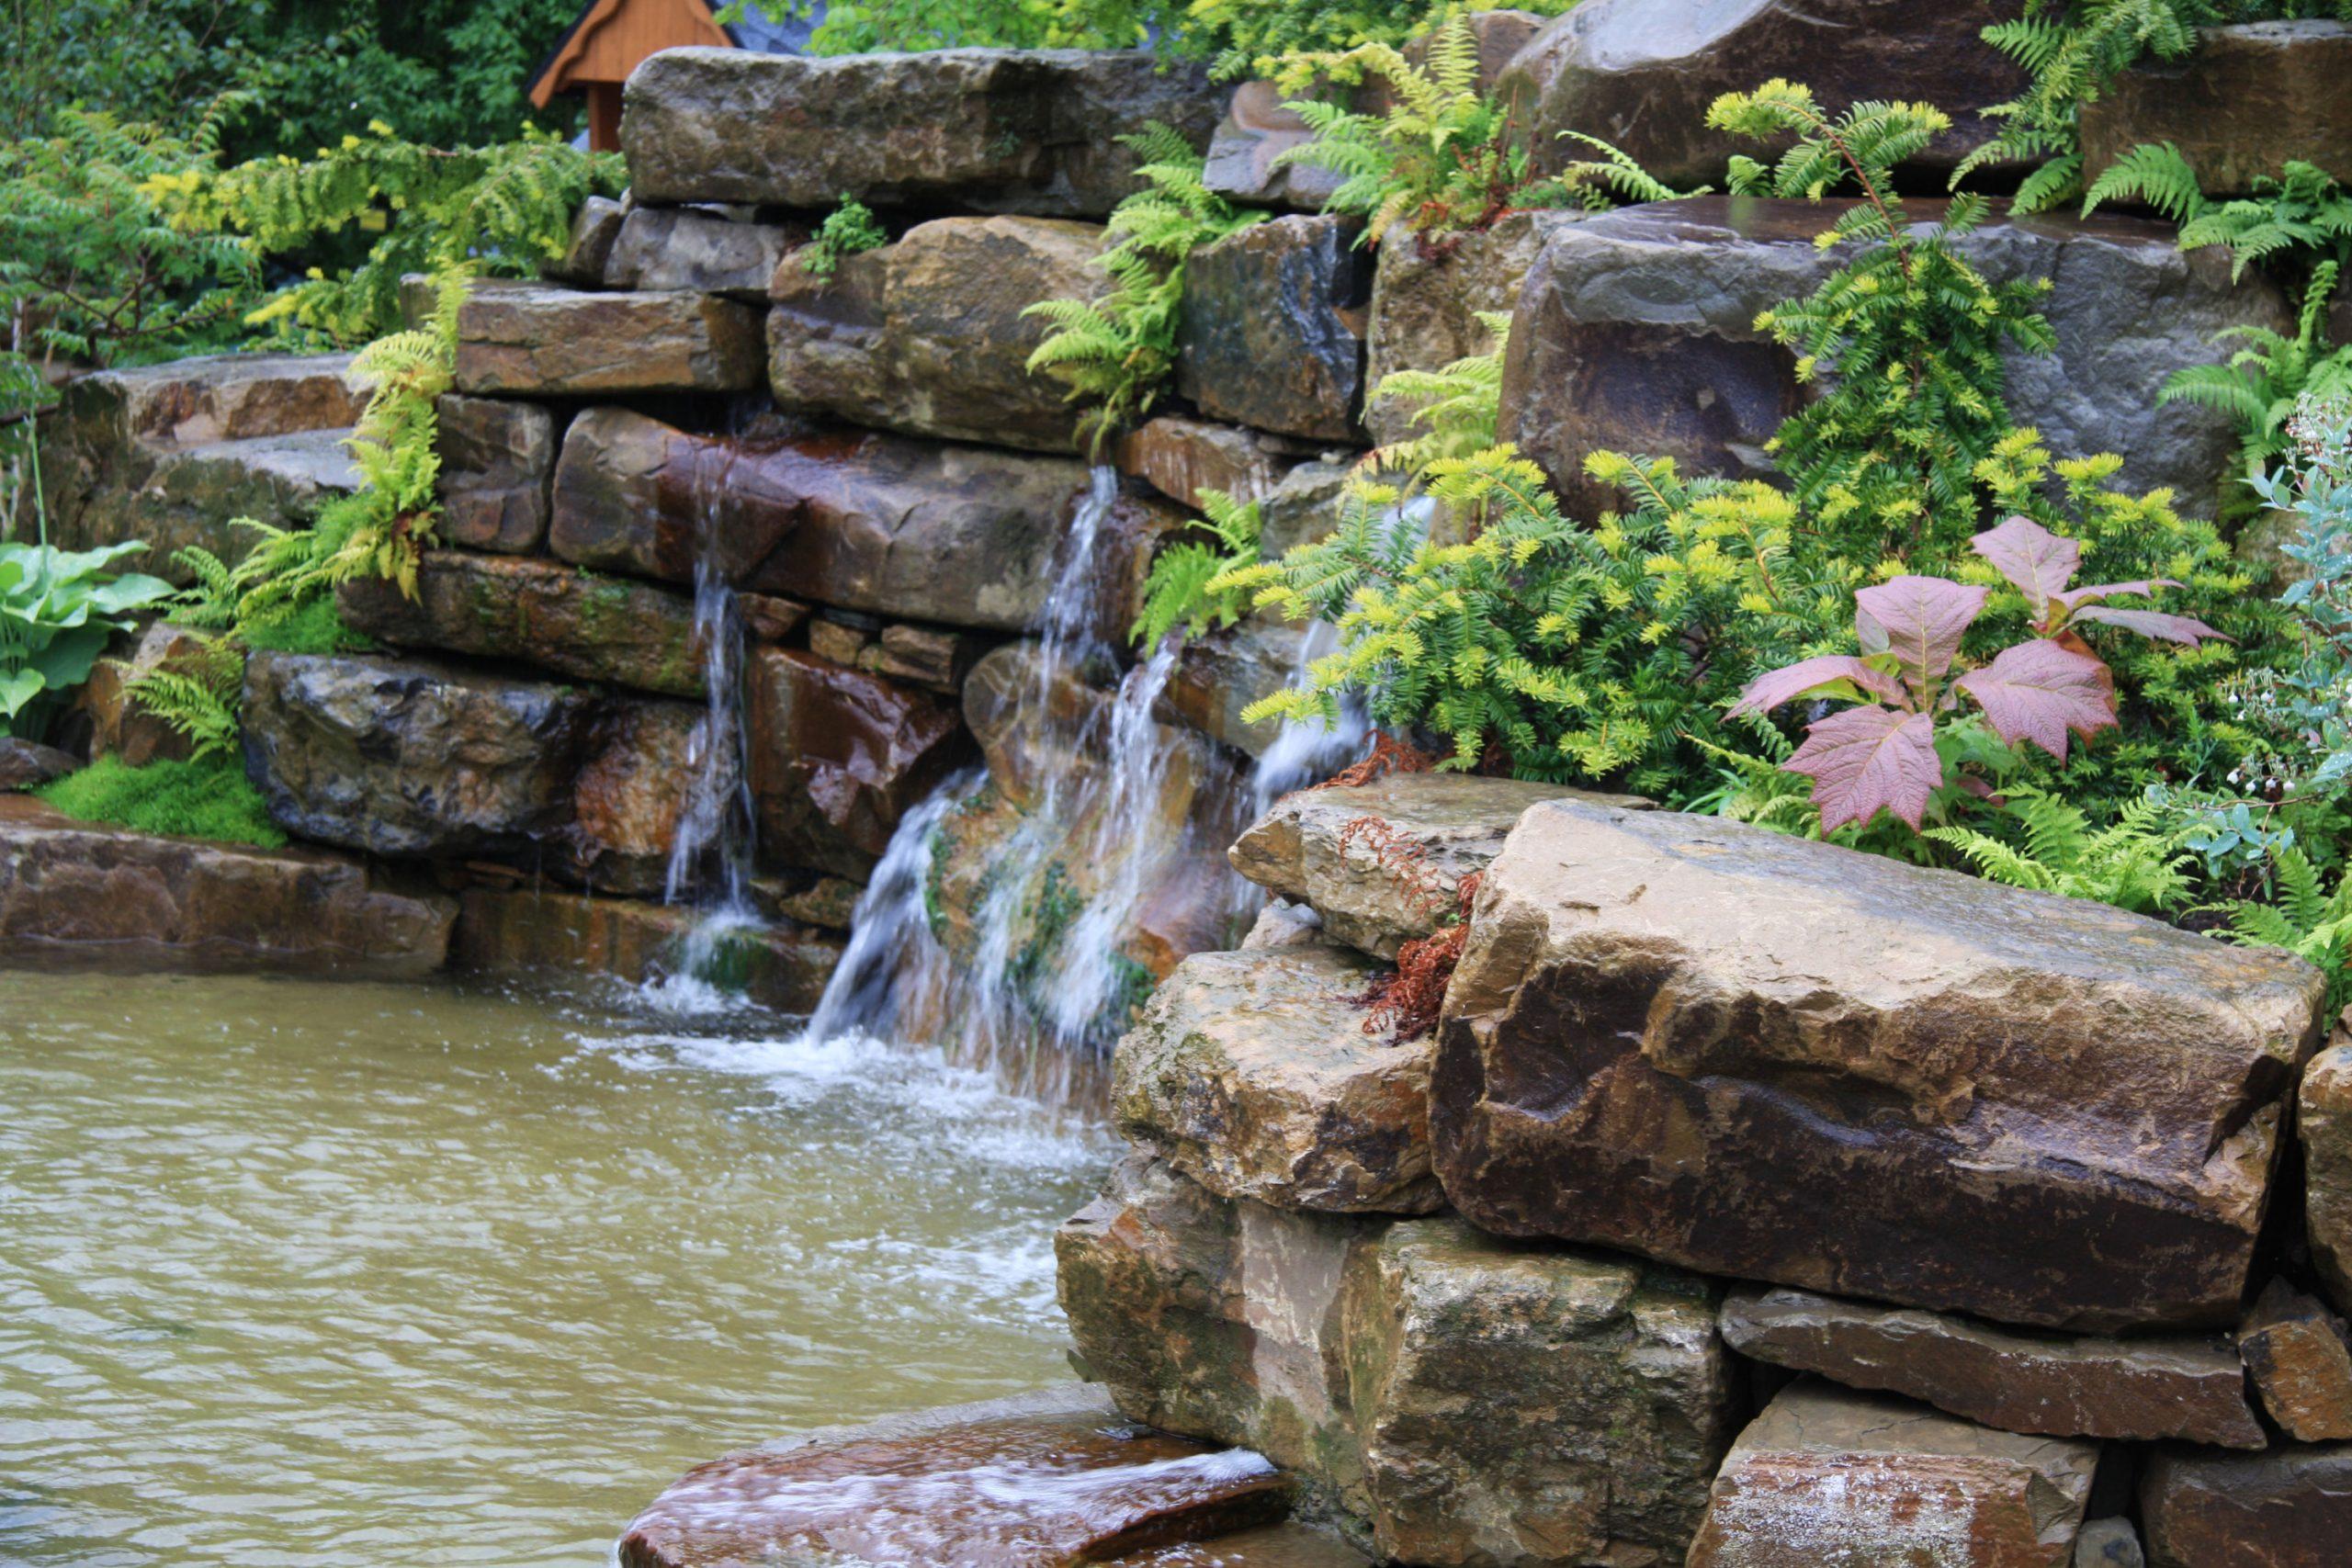 Záhrada, ktorá je dokonalým obrazom nespútanej prírody